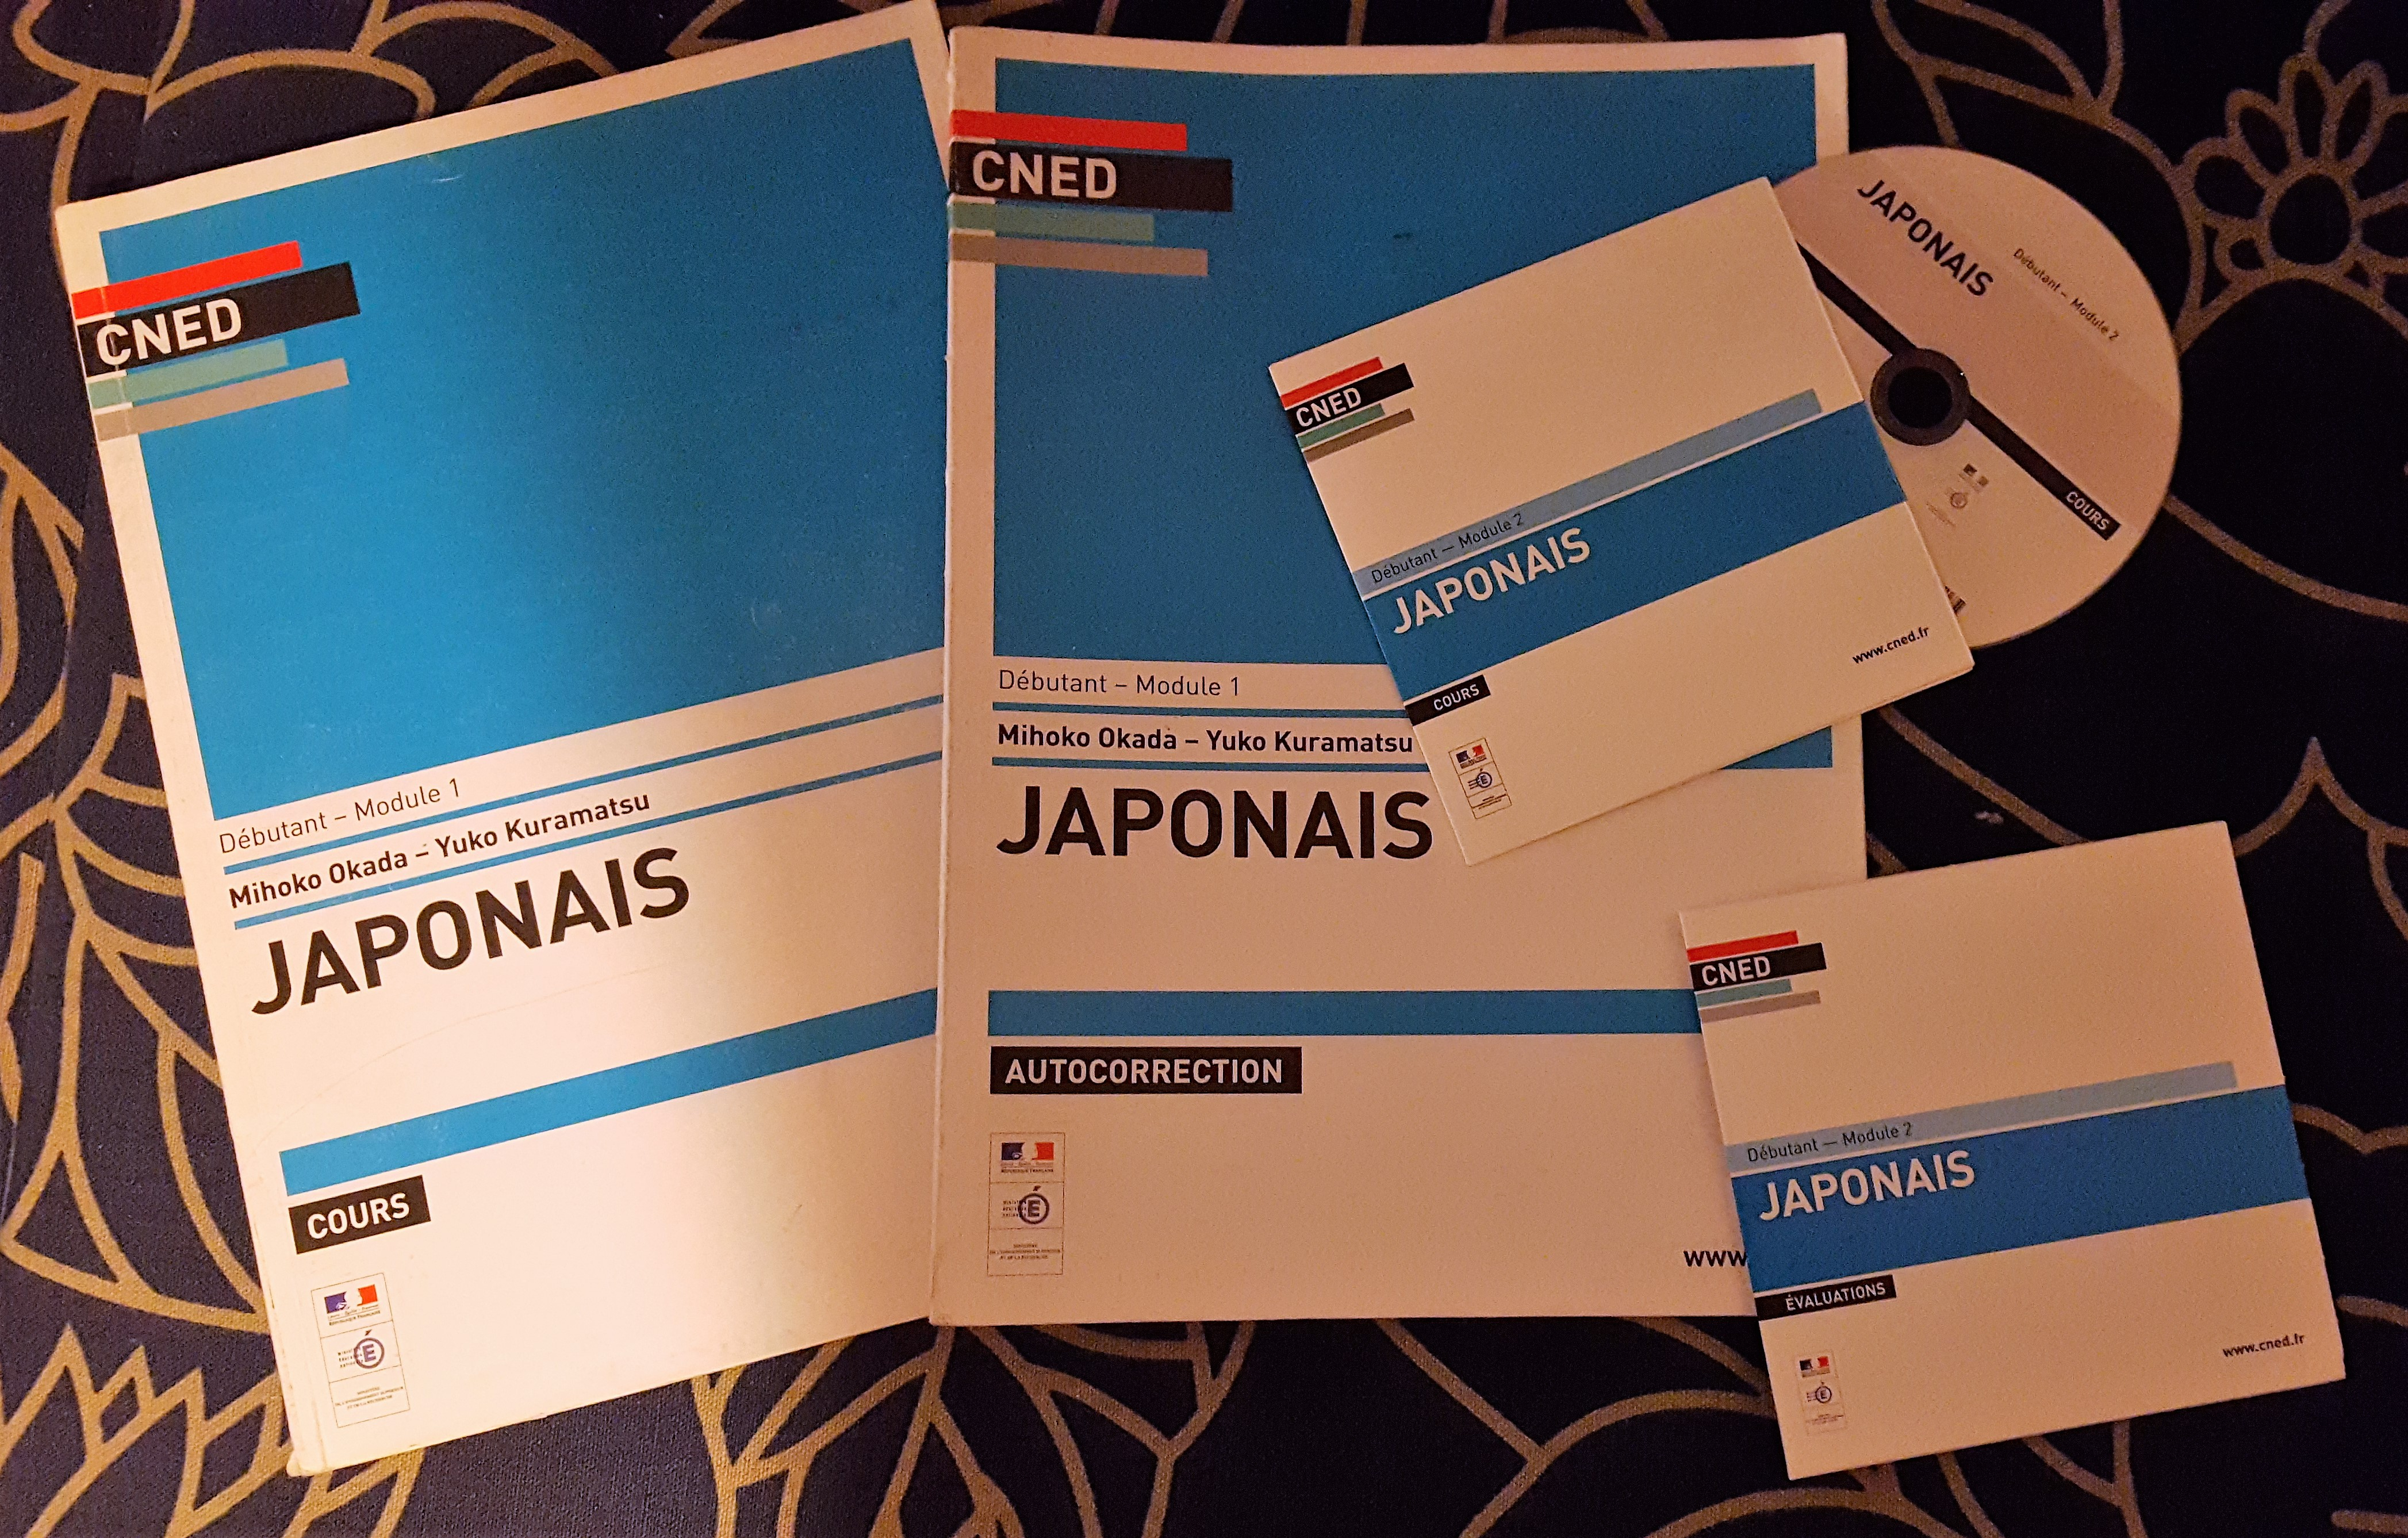 Apprendre Le Japonais Avec Le Cned | Le Temps Des Cerisiers pour Bonjour Japonnais